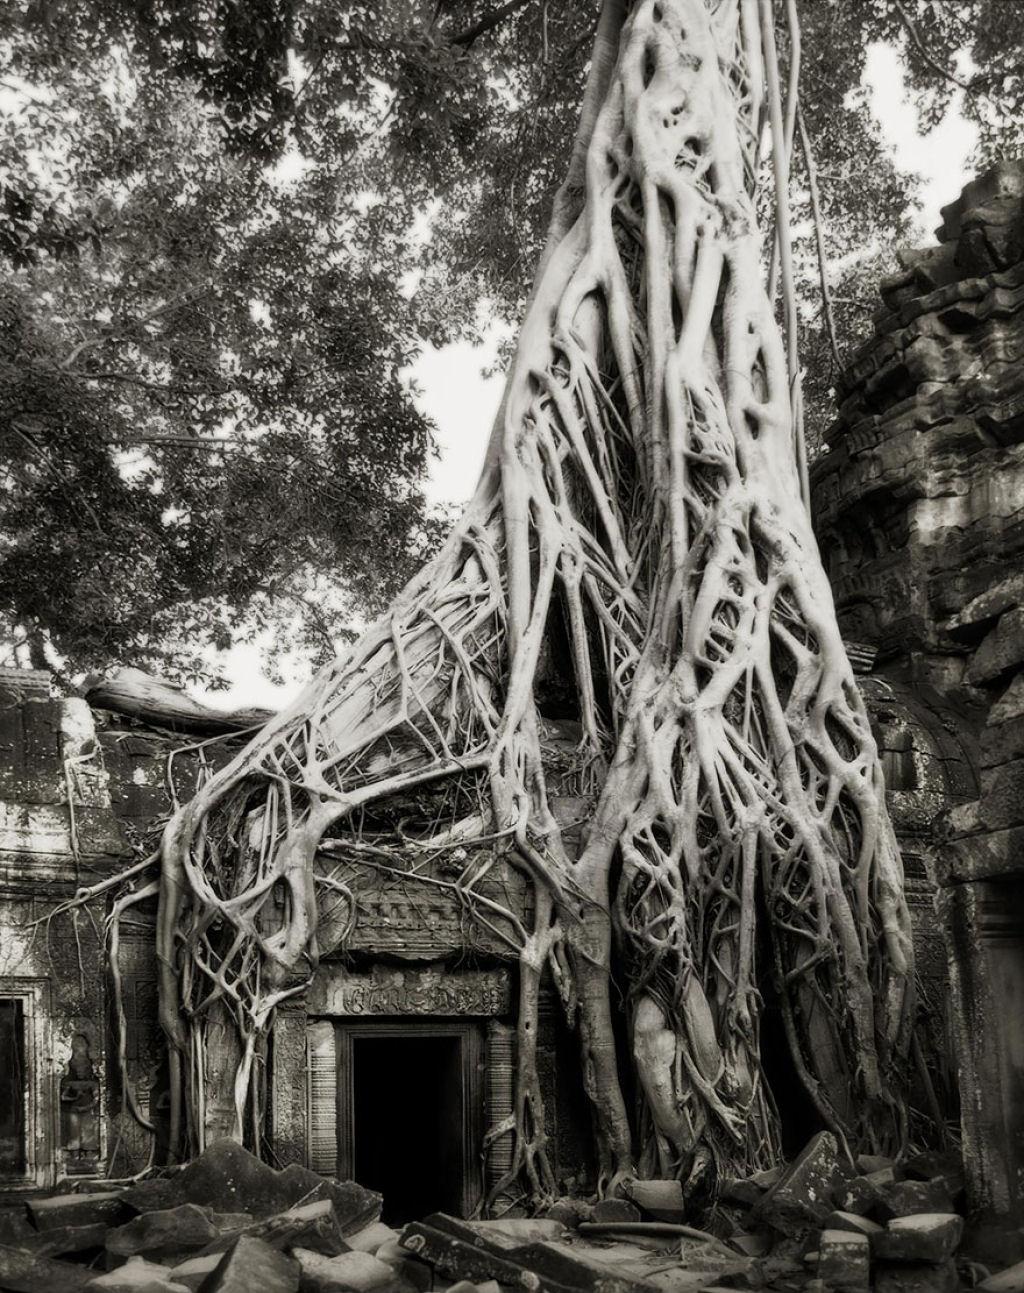 fotografías arboles antiguos por beth moon (17)